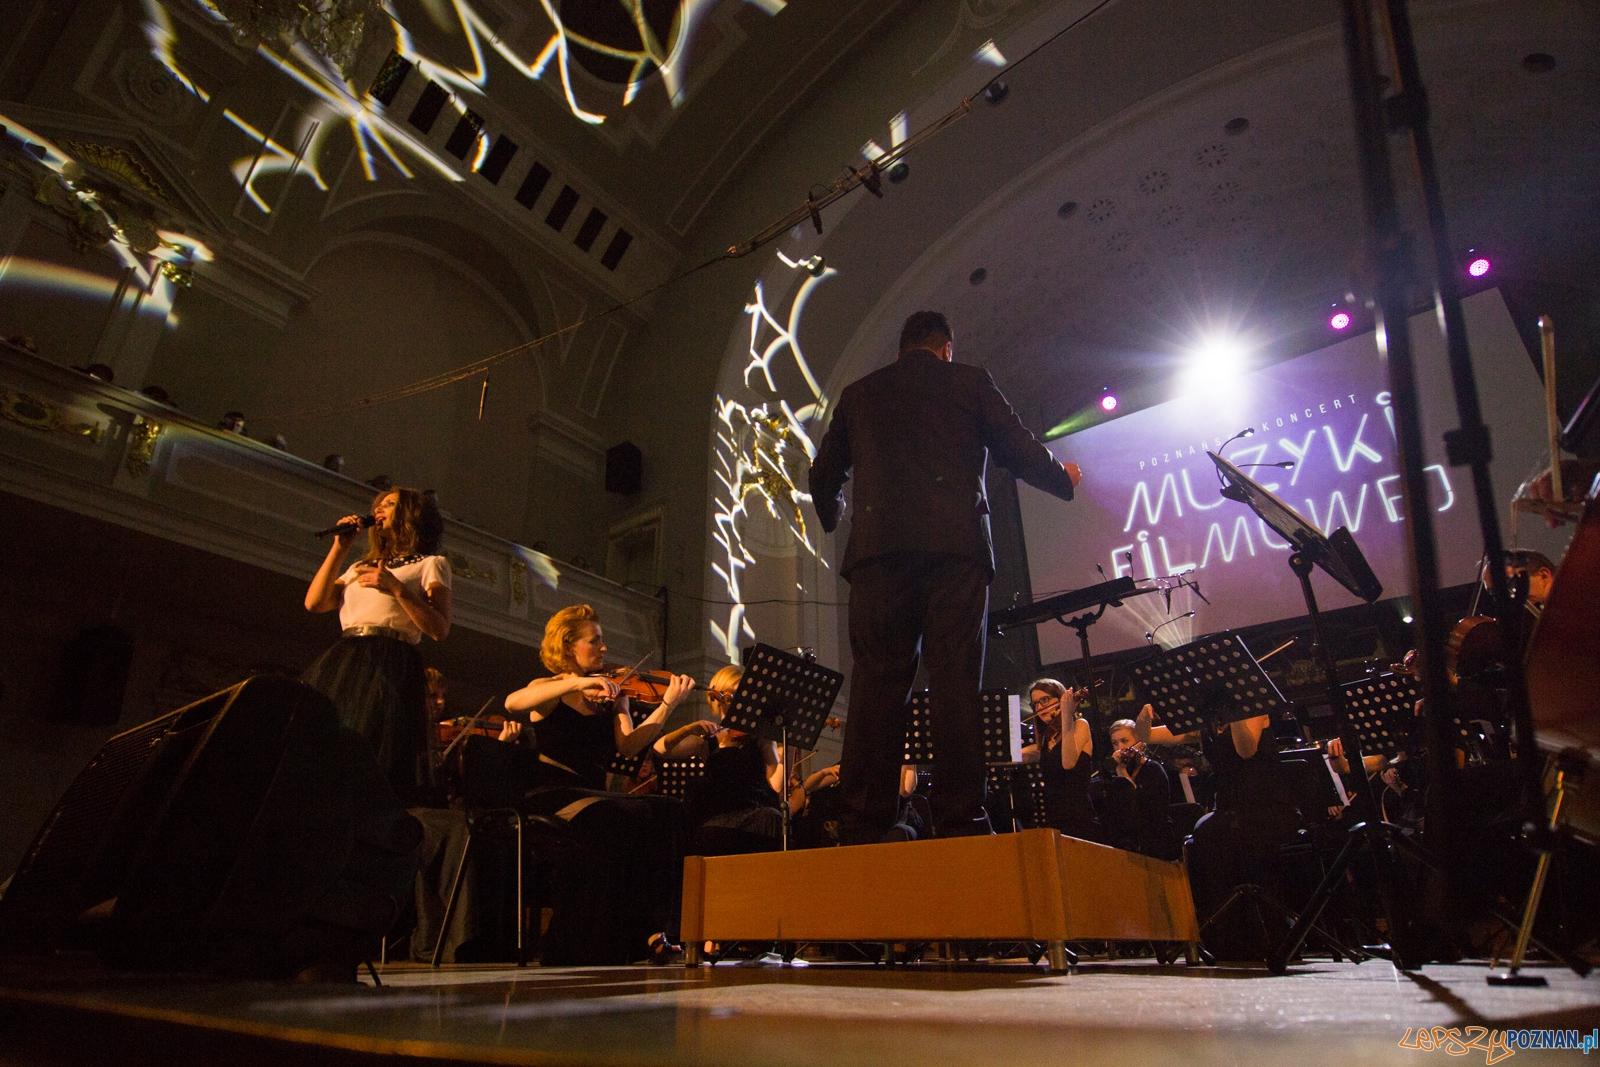 Koncert muzyki filmowej  Foto: lepszyPOZNAN.pl / Piotr Rychter